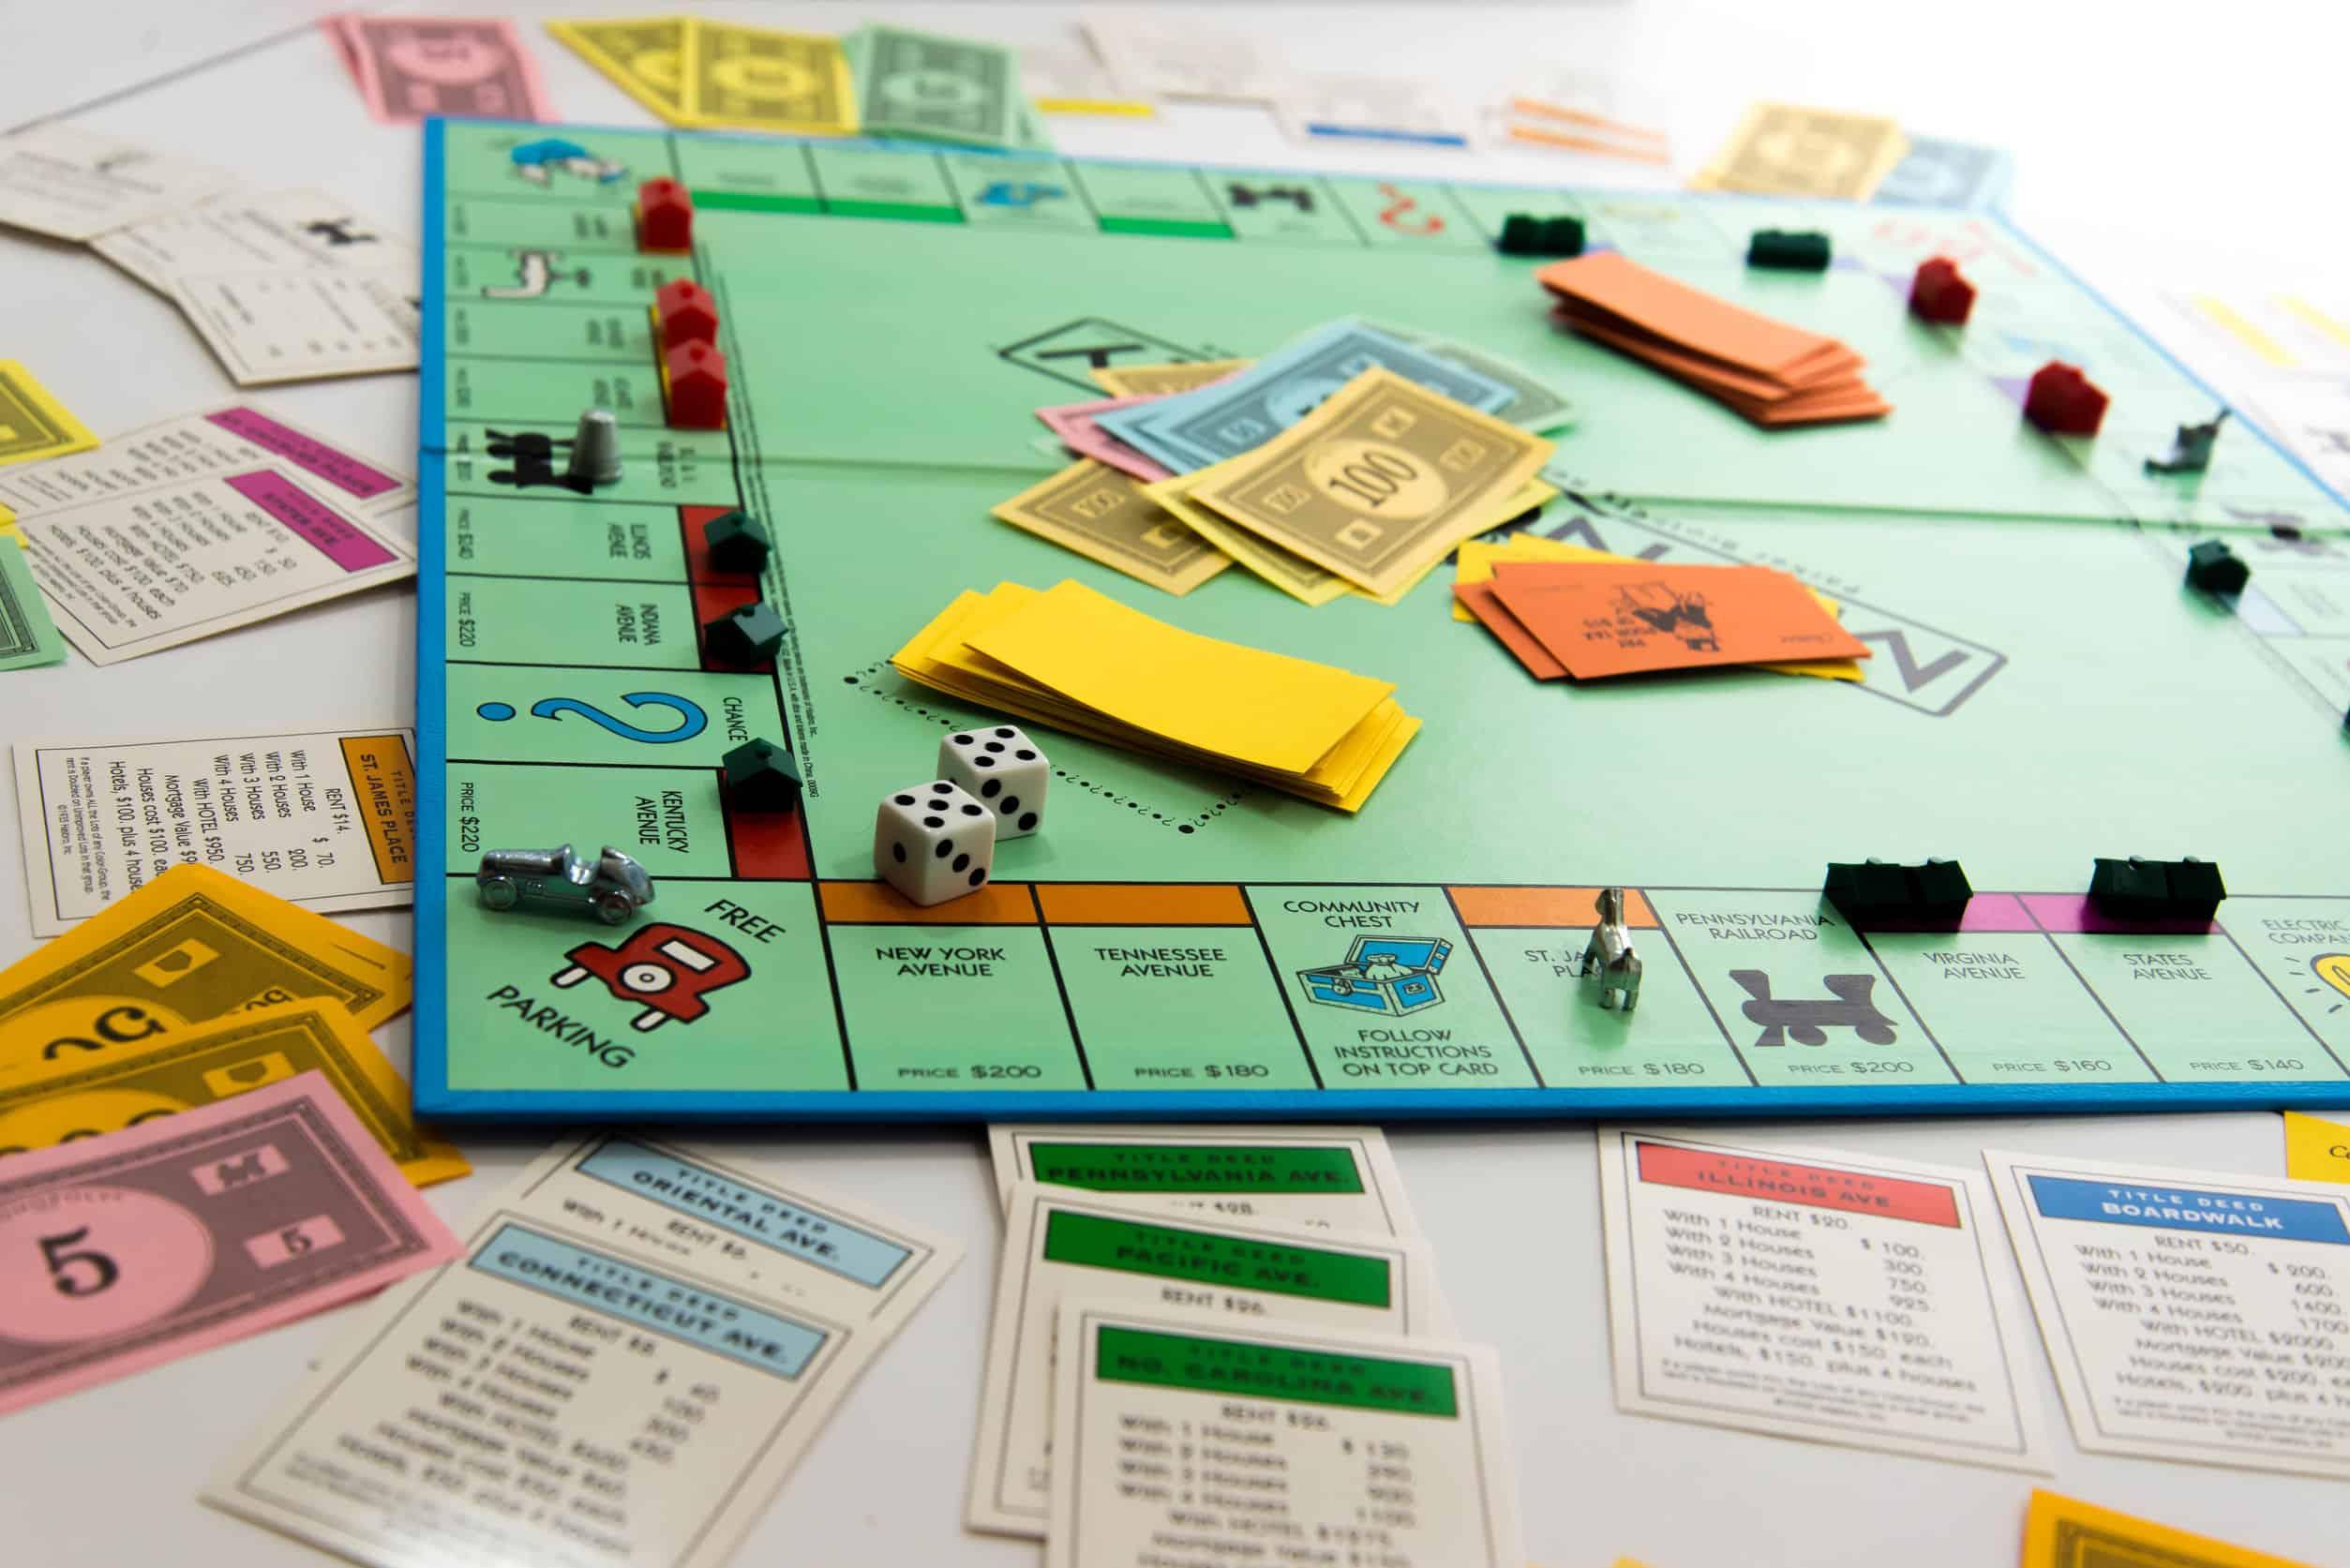 Banco Imobiliário: Como escolher o melhor jogo de tabuleiro em 2021